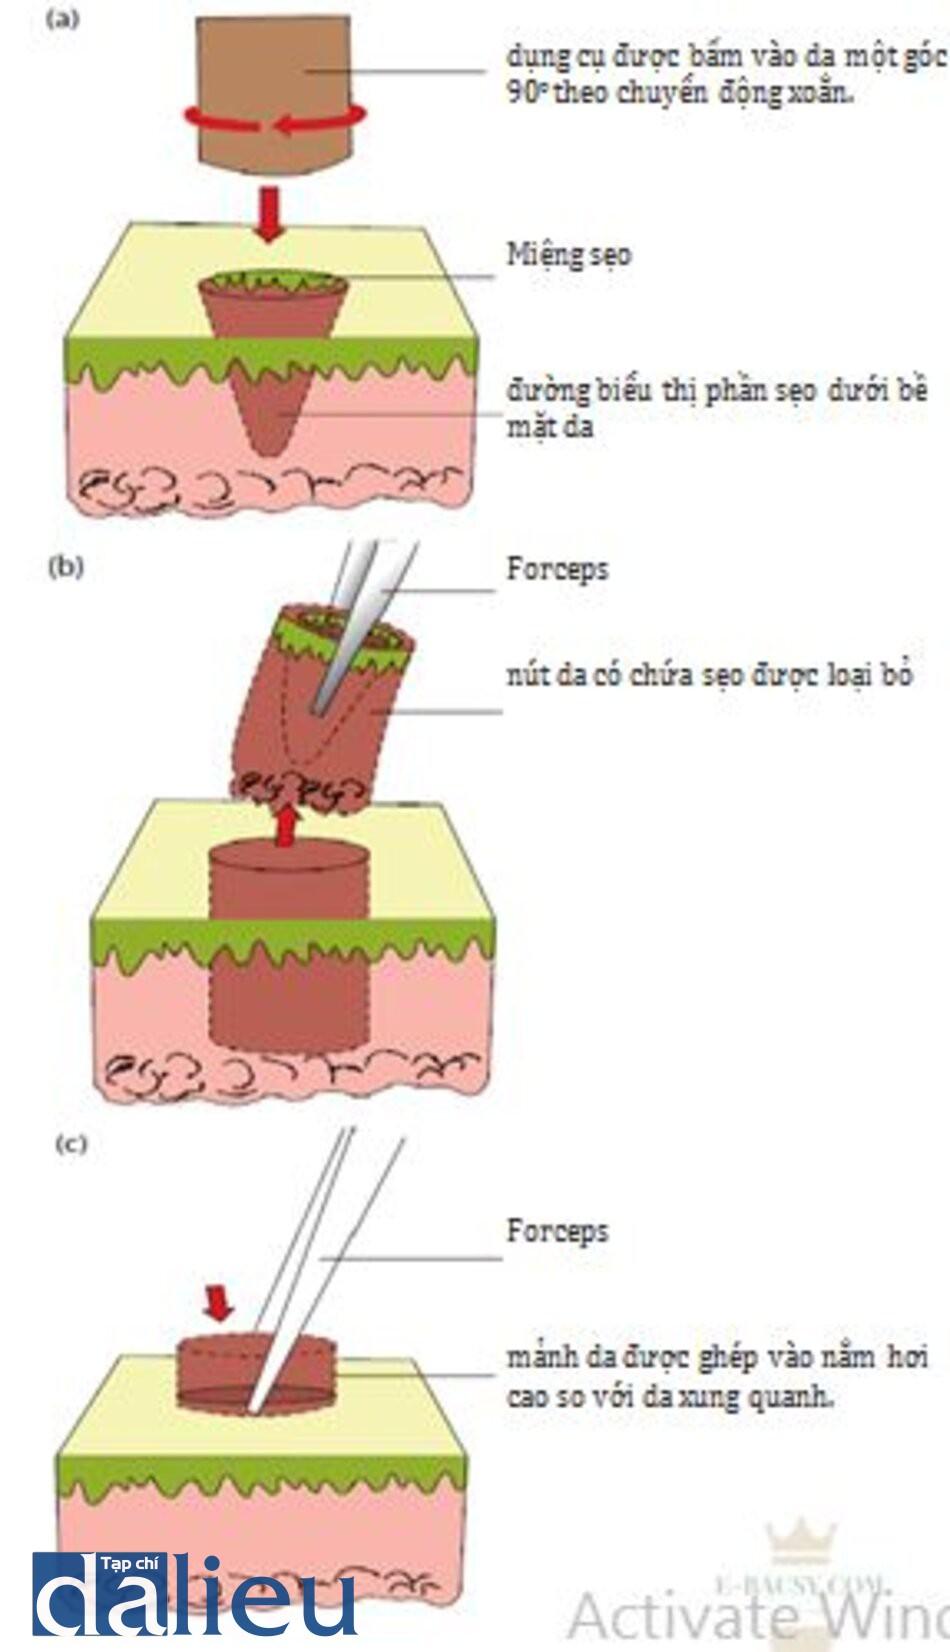 HÌNH 12.5 ghép da bằng dụng cụ bấm trong điều trị sẹo ice pick. (a) dụng cụ bấm được lựa chọn sẽ bao gọn sẹo và thành sẹo, dụng cụ này dược bấm ở góc 900 theo chuyển động xoắn đến lớp mô dưới da. (b) Tiếp theo, forcep sẽ được sử dụng để loại bỏ sẹo khỏi hố nhận. (c) Mảnh da ghép đủ độ dày, có kích thước hơi lớn hơn hố nhận được ghép vào bằng forceps. Bề mặt mảnh da ghép nên đặt hơi cao hơn so với da xung quanh.